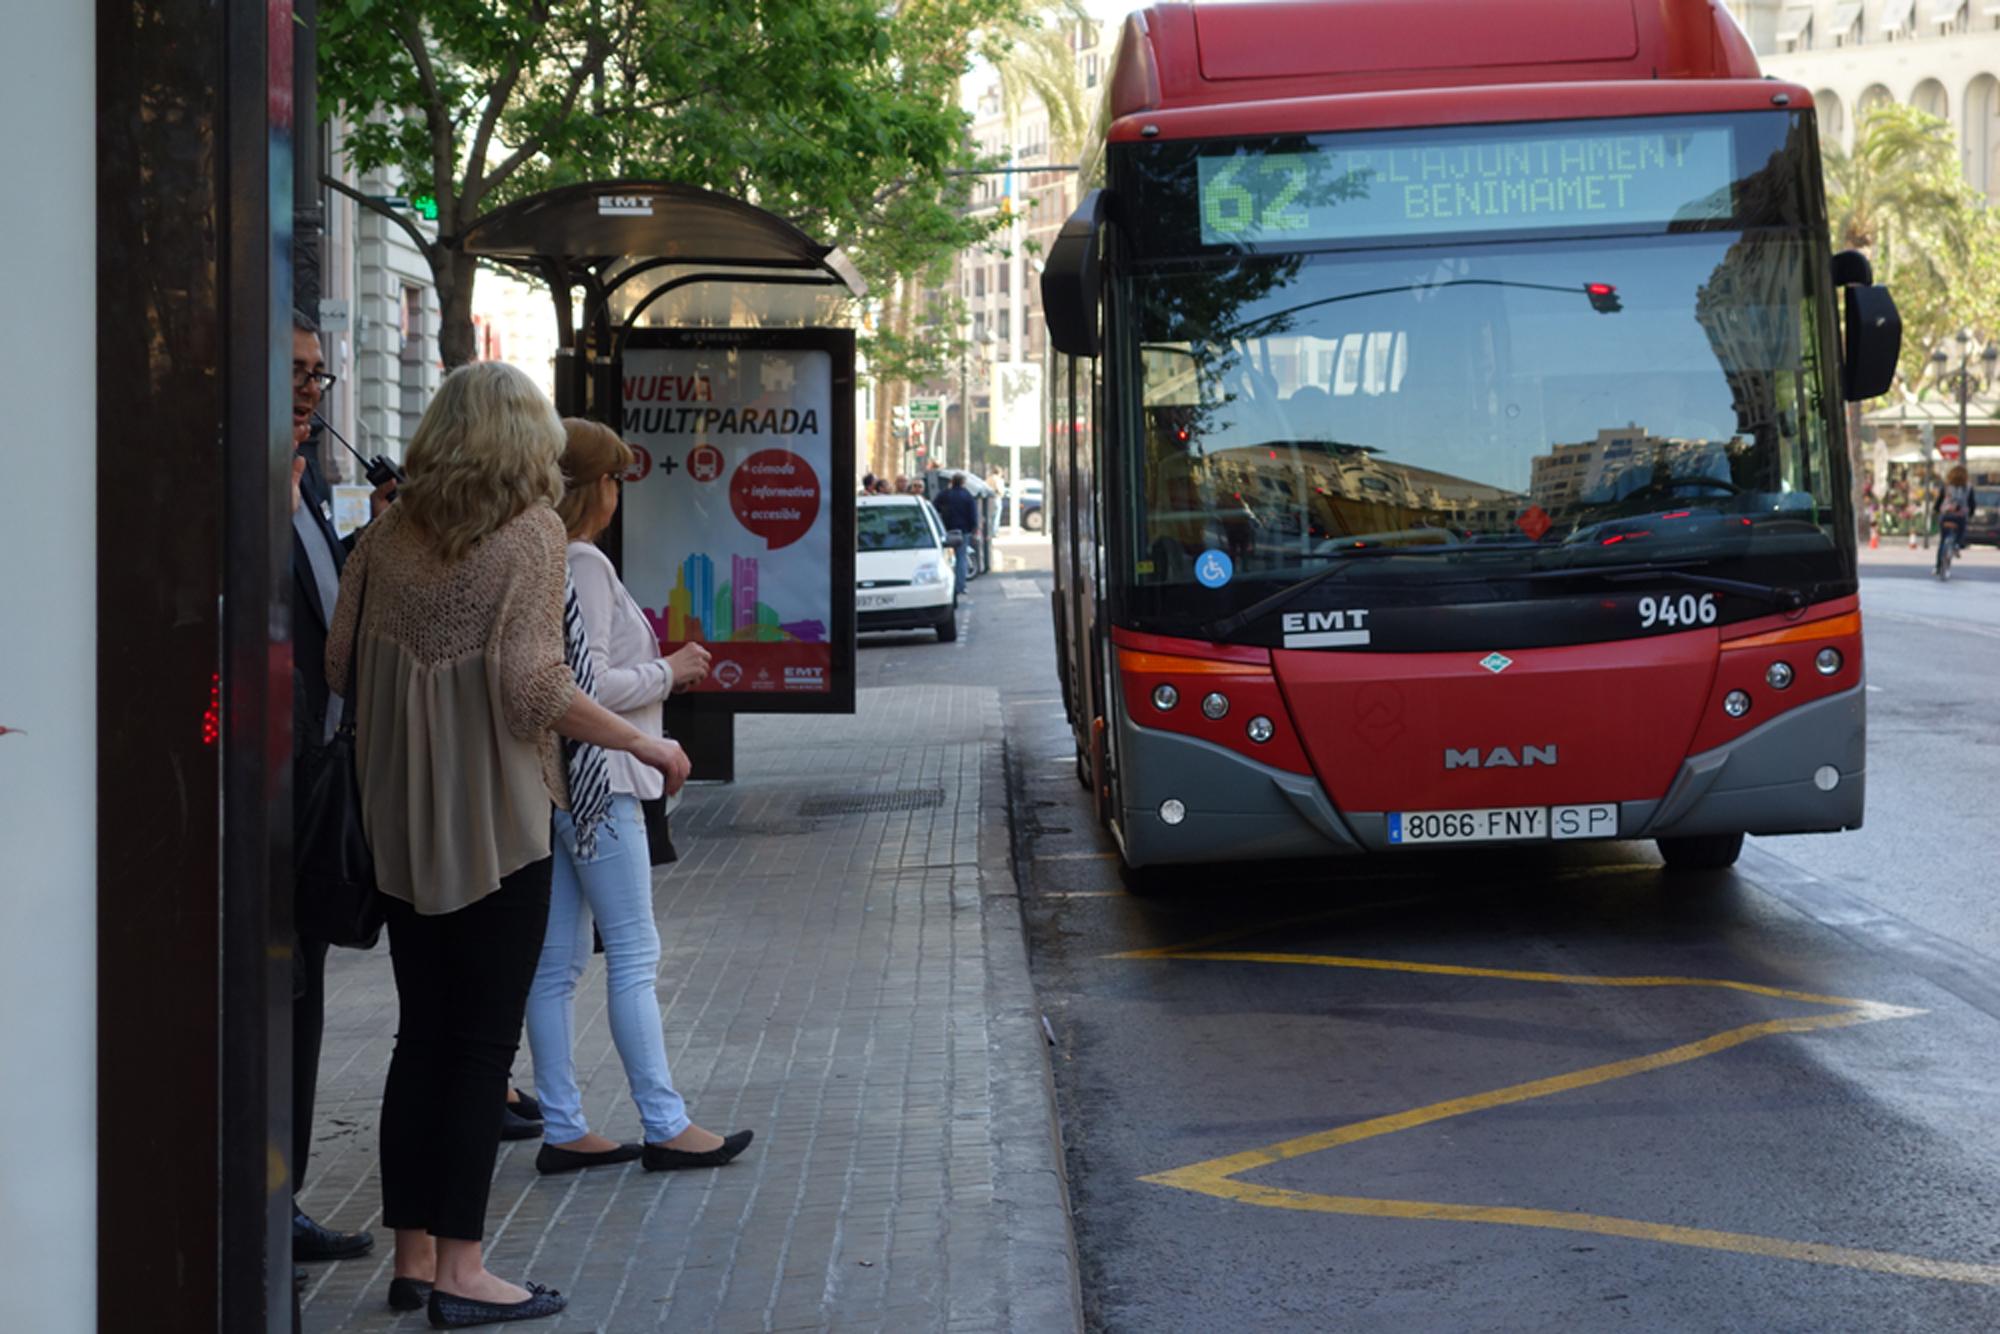 Un hombre abusa sexualmente de una mujer que esperaba el autobús en Valencia